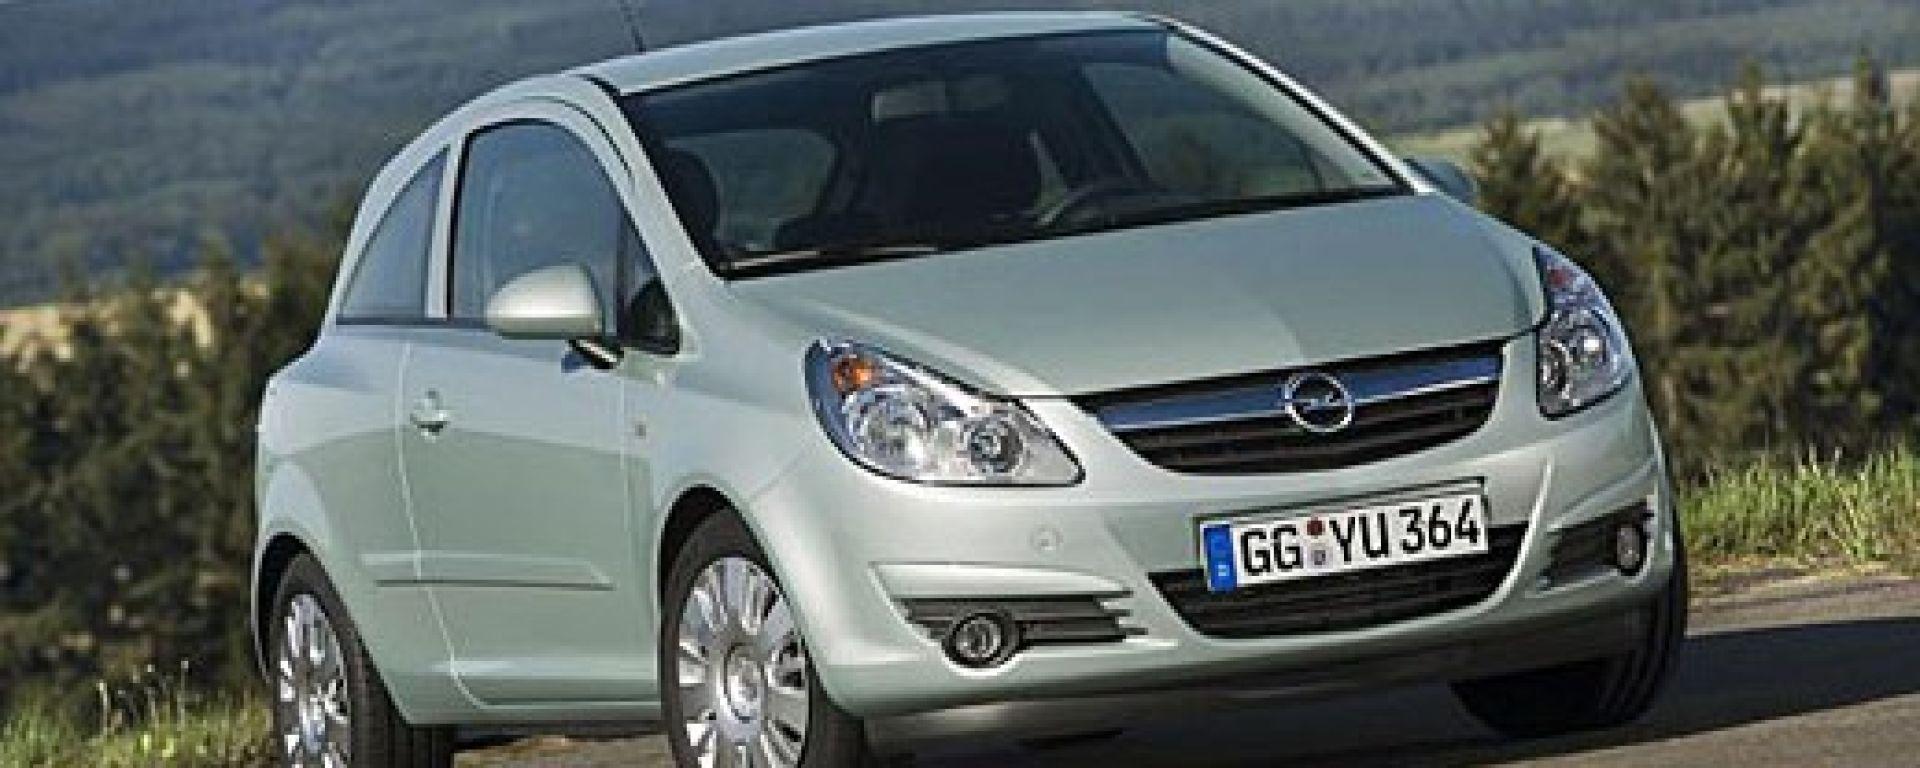 Opel Corsa Hybrid ed ecoFlex